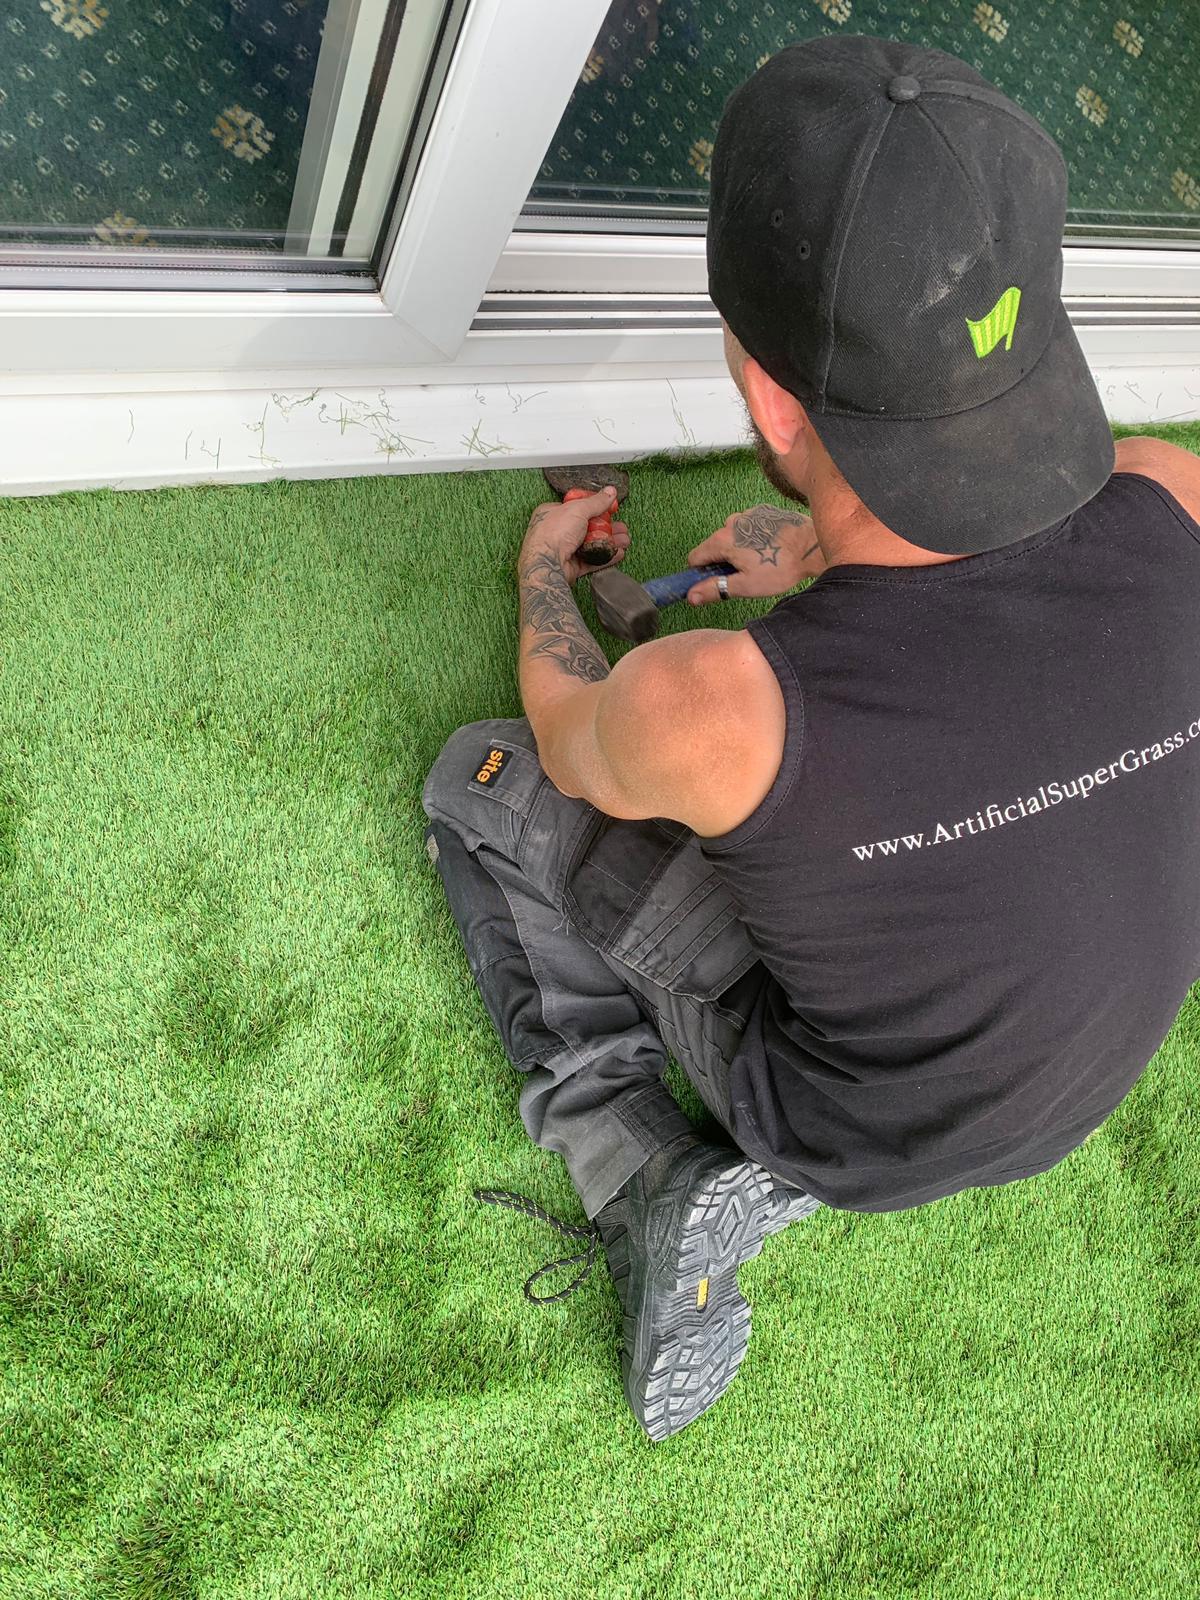 Artificial Grass For Dogs Huddersfield Artificial Super Grass